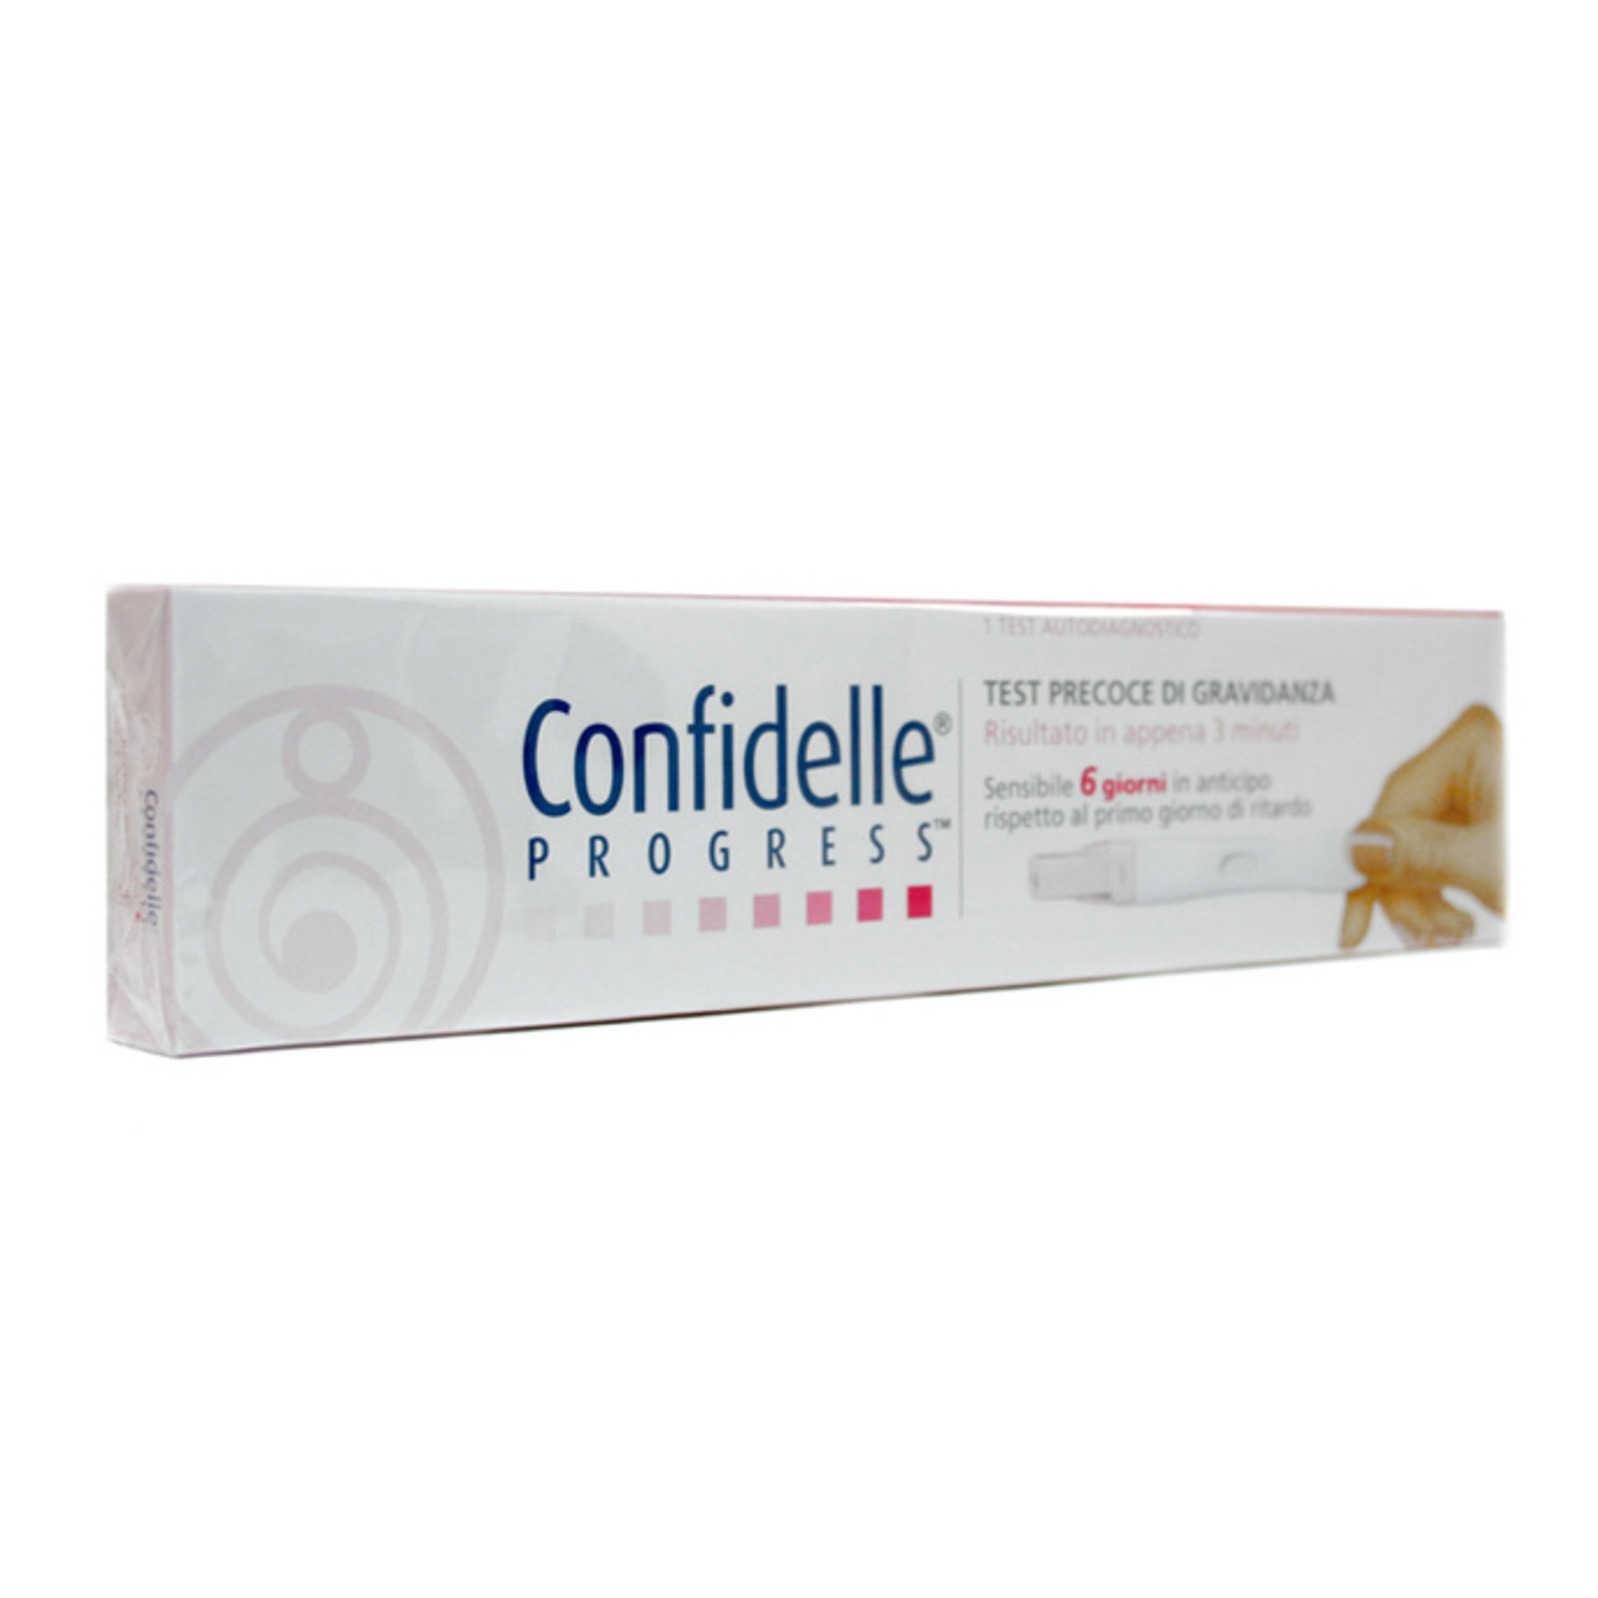 Confidelle Progress - Test precoce di gravidanza